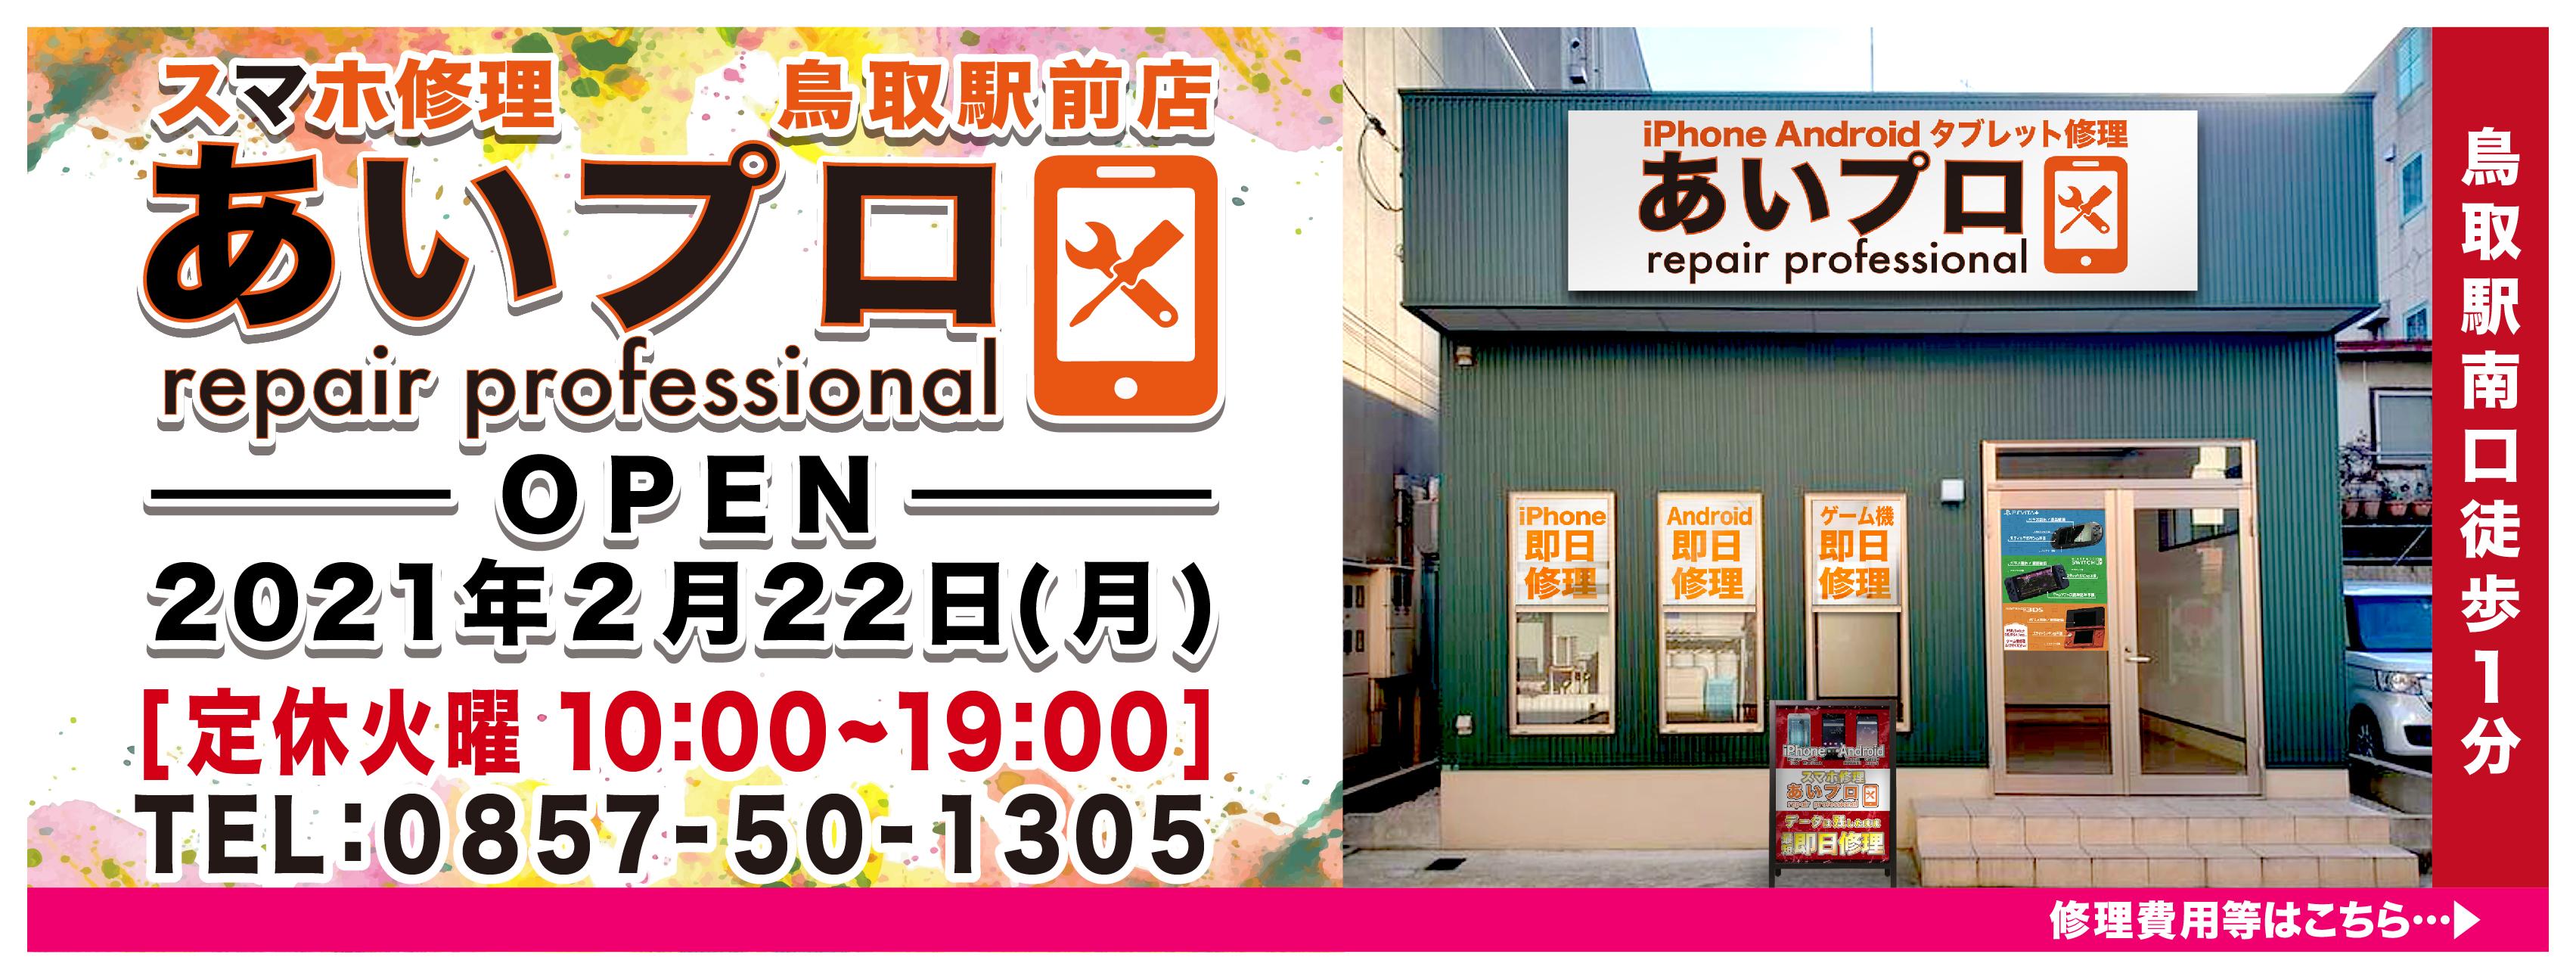 あいプロ鳥取駅前店オープン